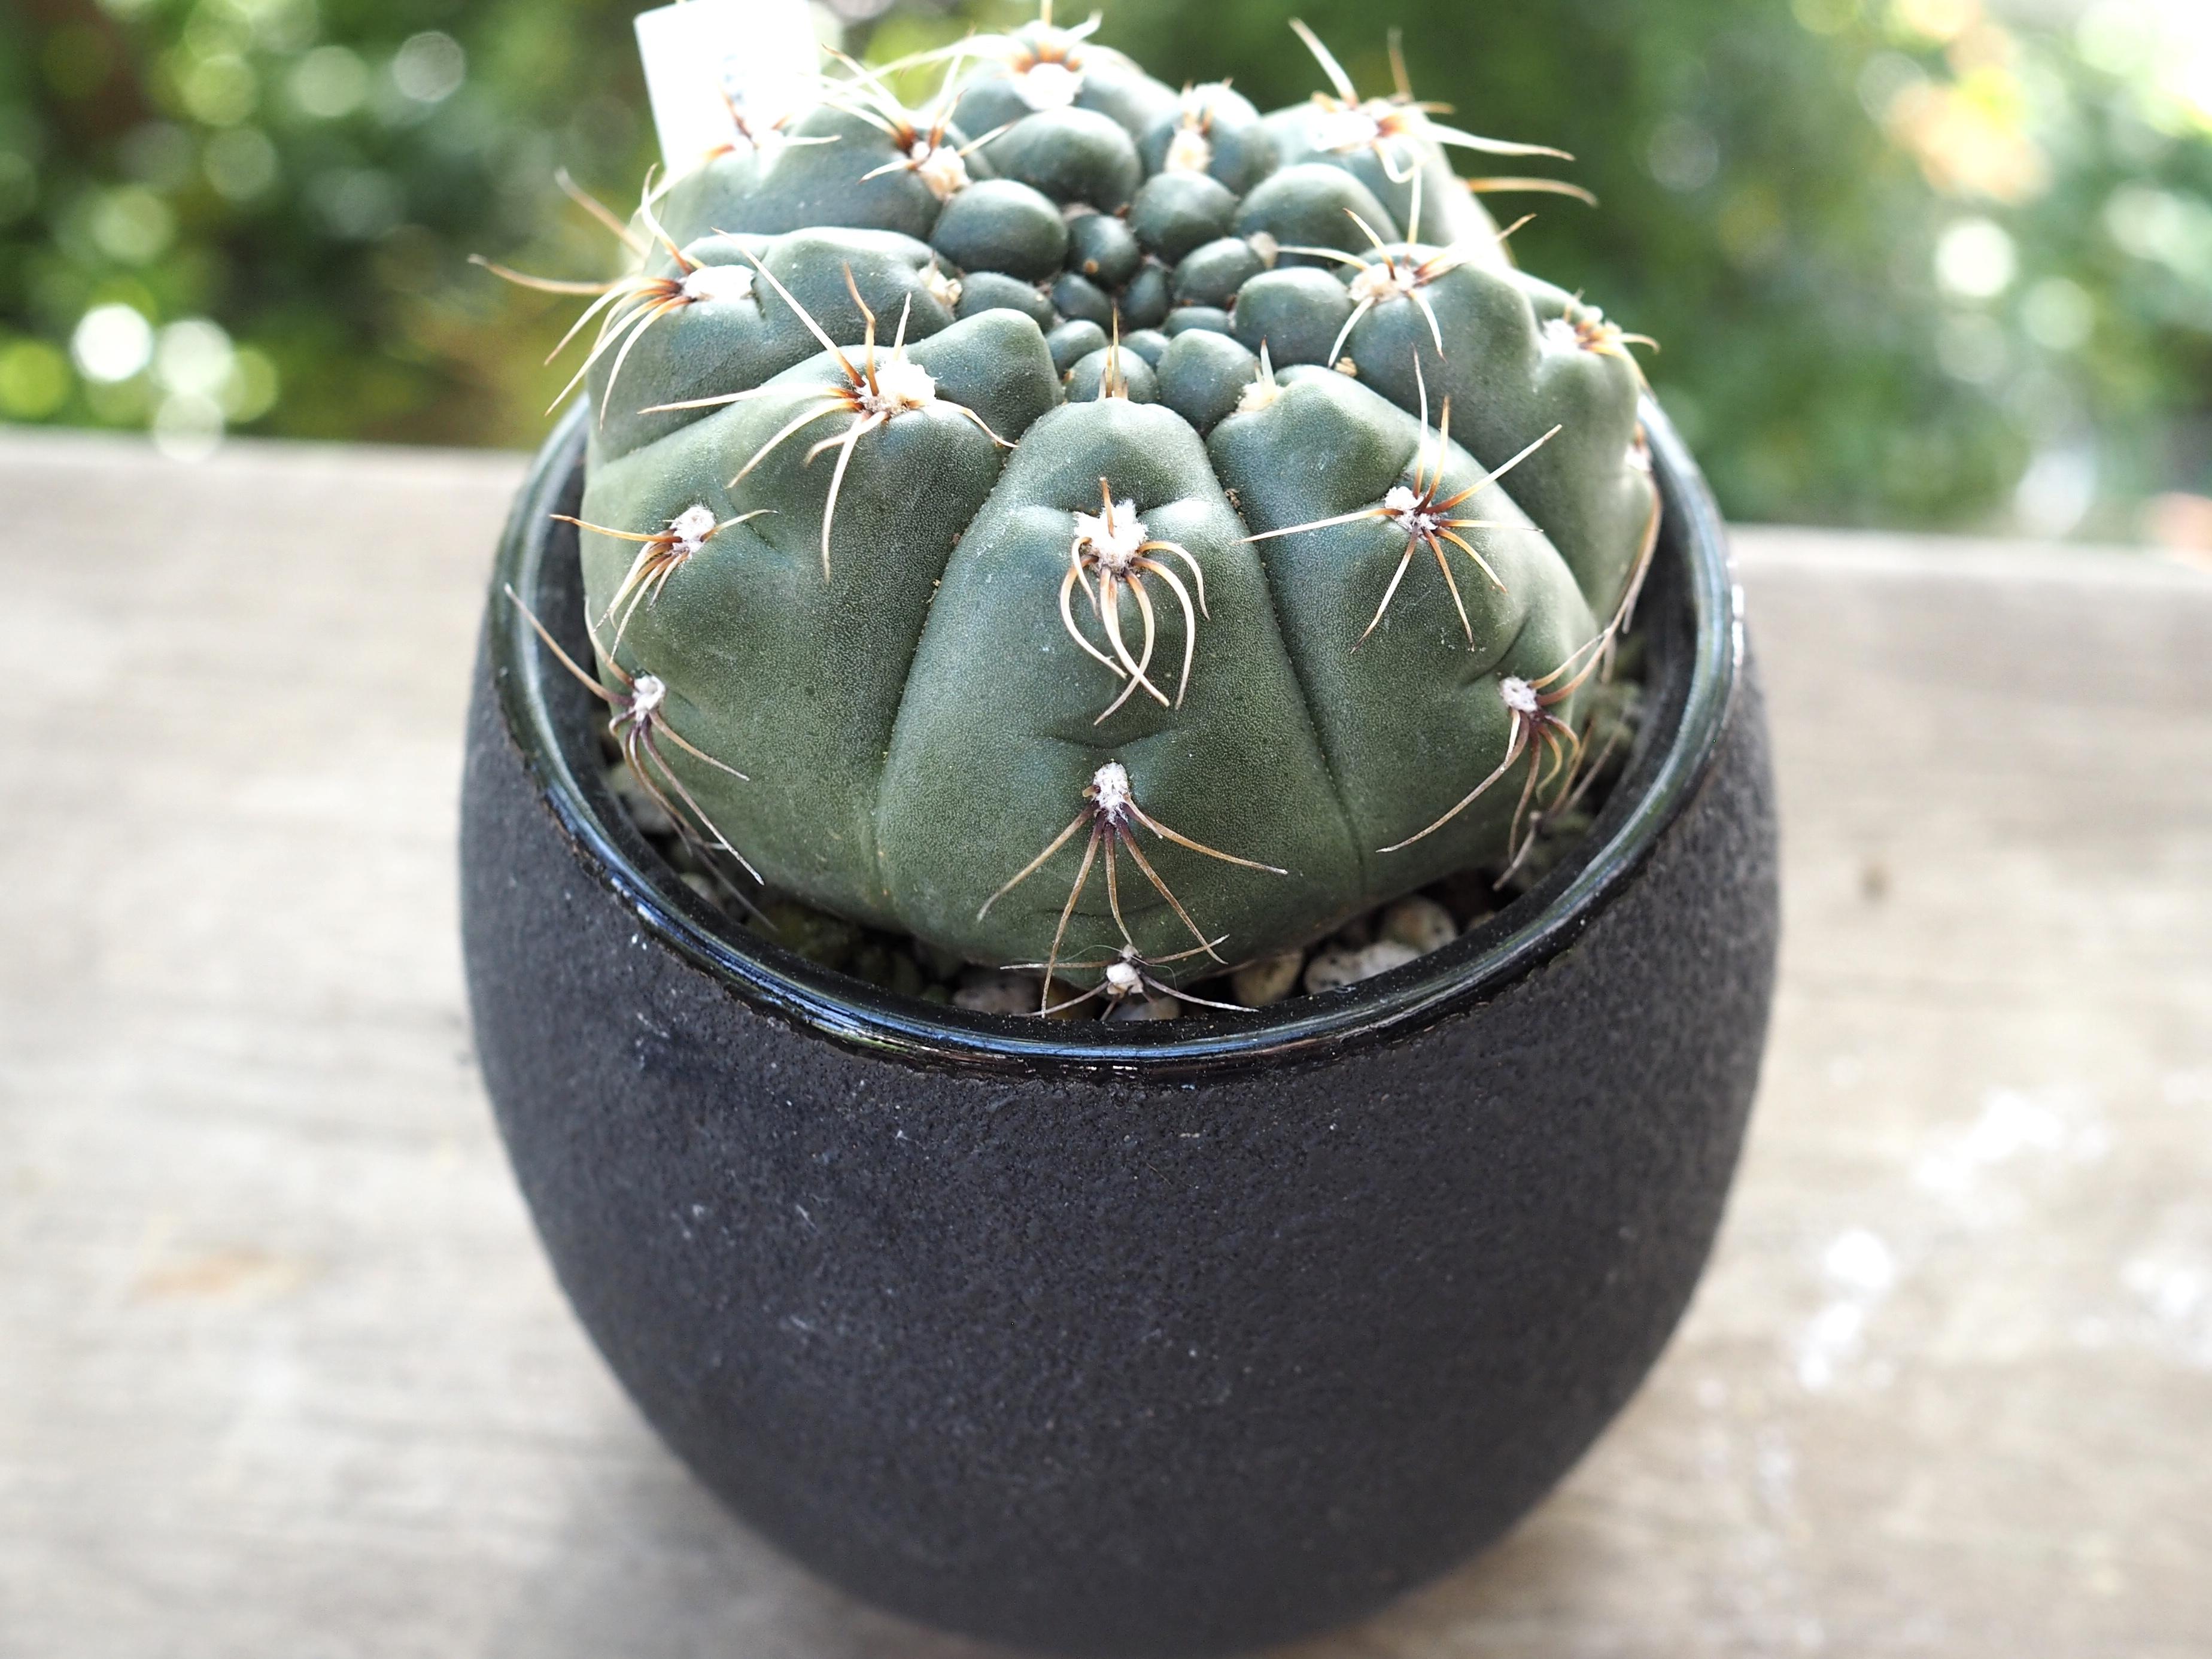 モダン黒鉢×緋花玉交配種